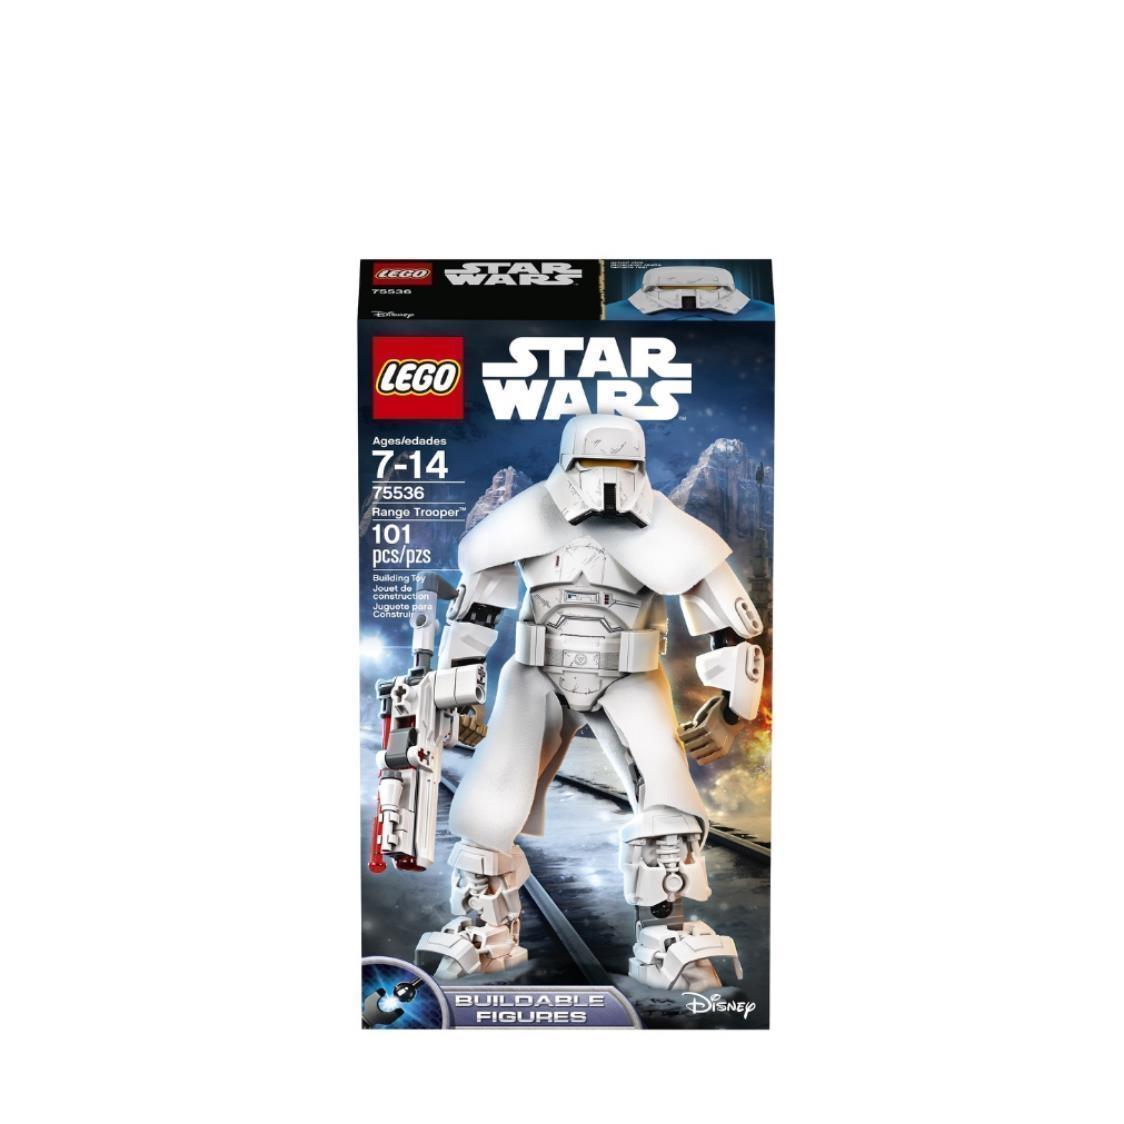 LEGO Star Wars - Range Trooper 75536 V29